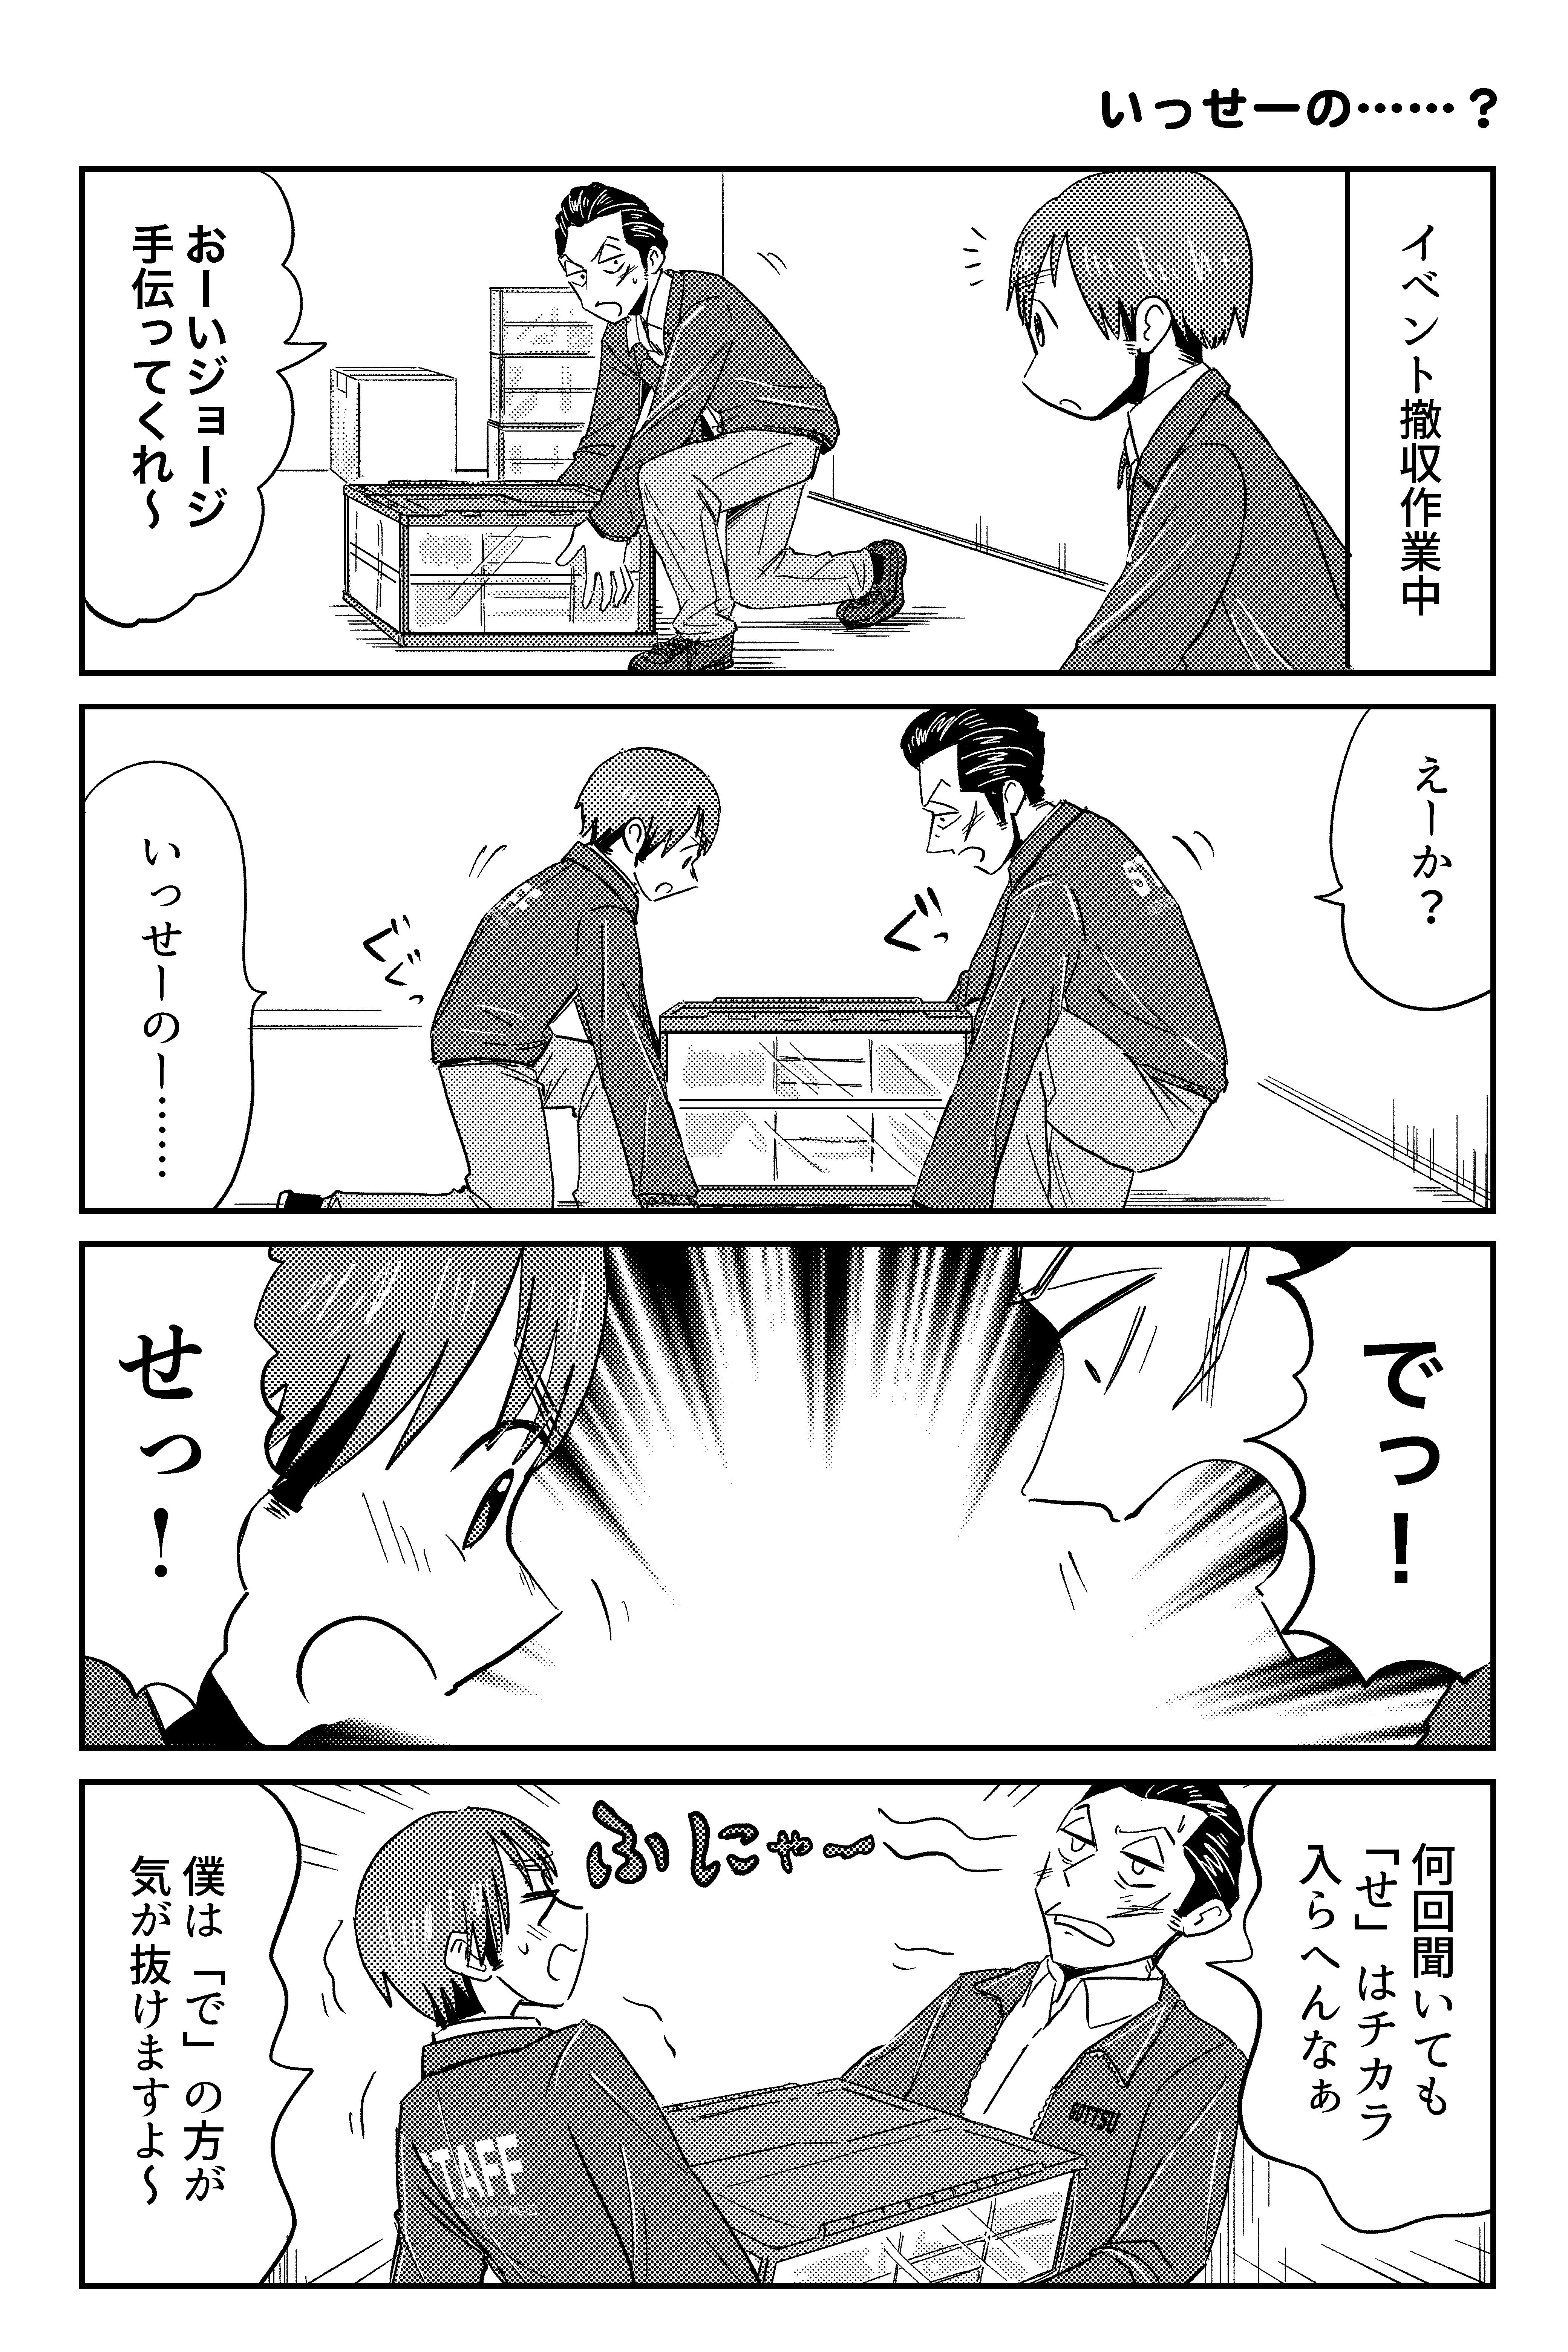 大阪ちゅーとリアル(いっせーの「せっ」or「でっ」?)